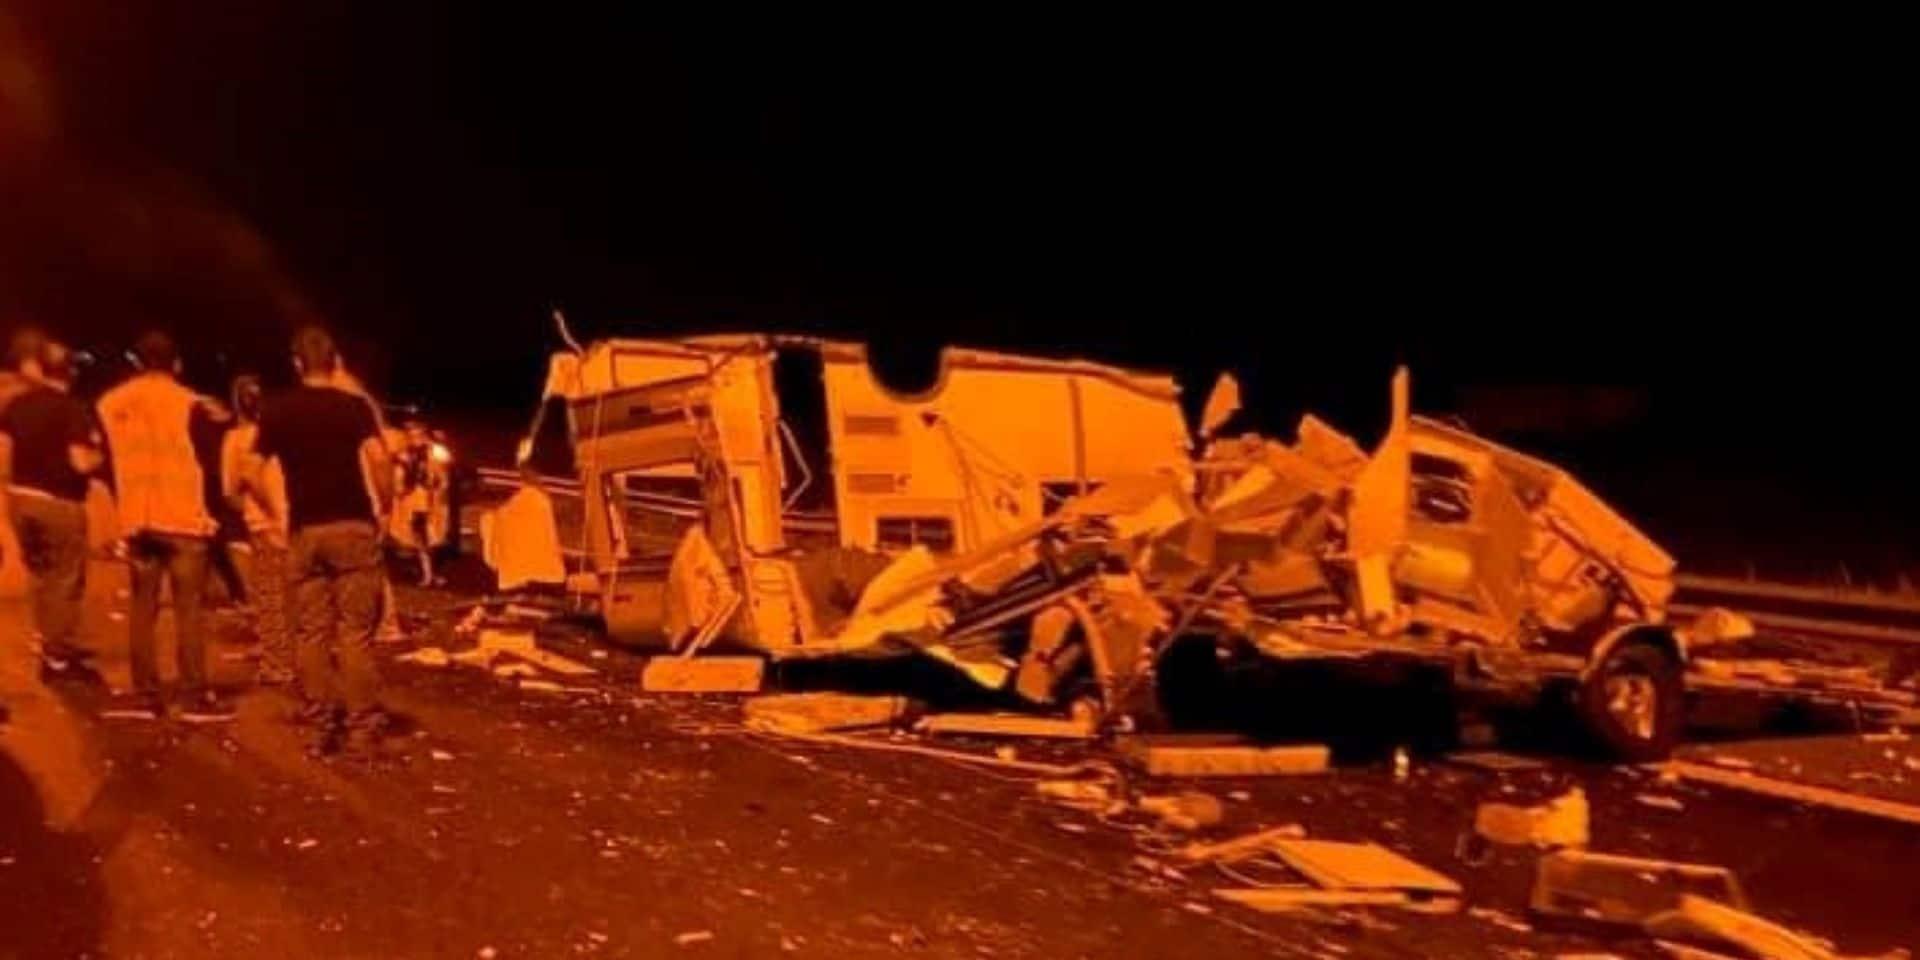 Accident sur l'autoroute E 411 : une caravane complètement détruite